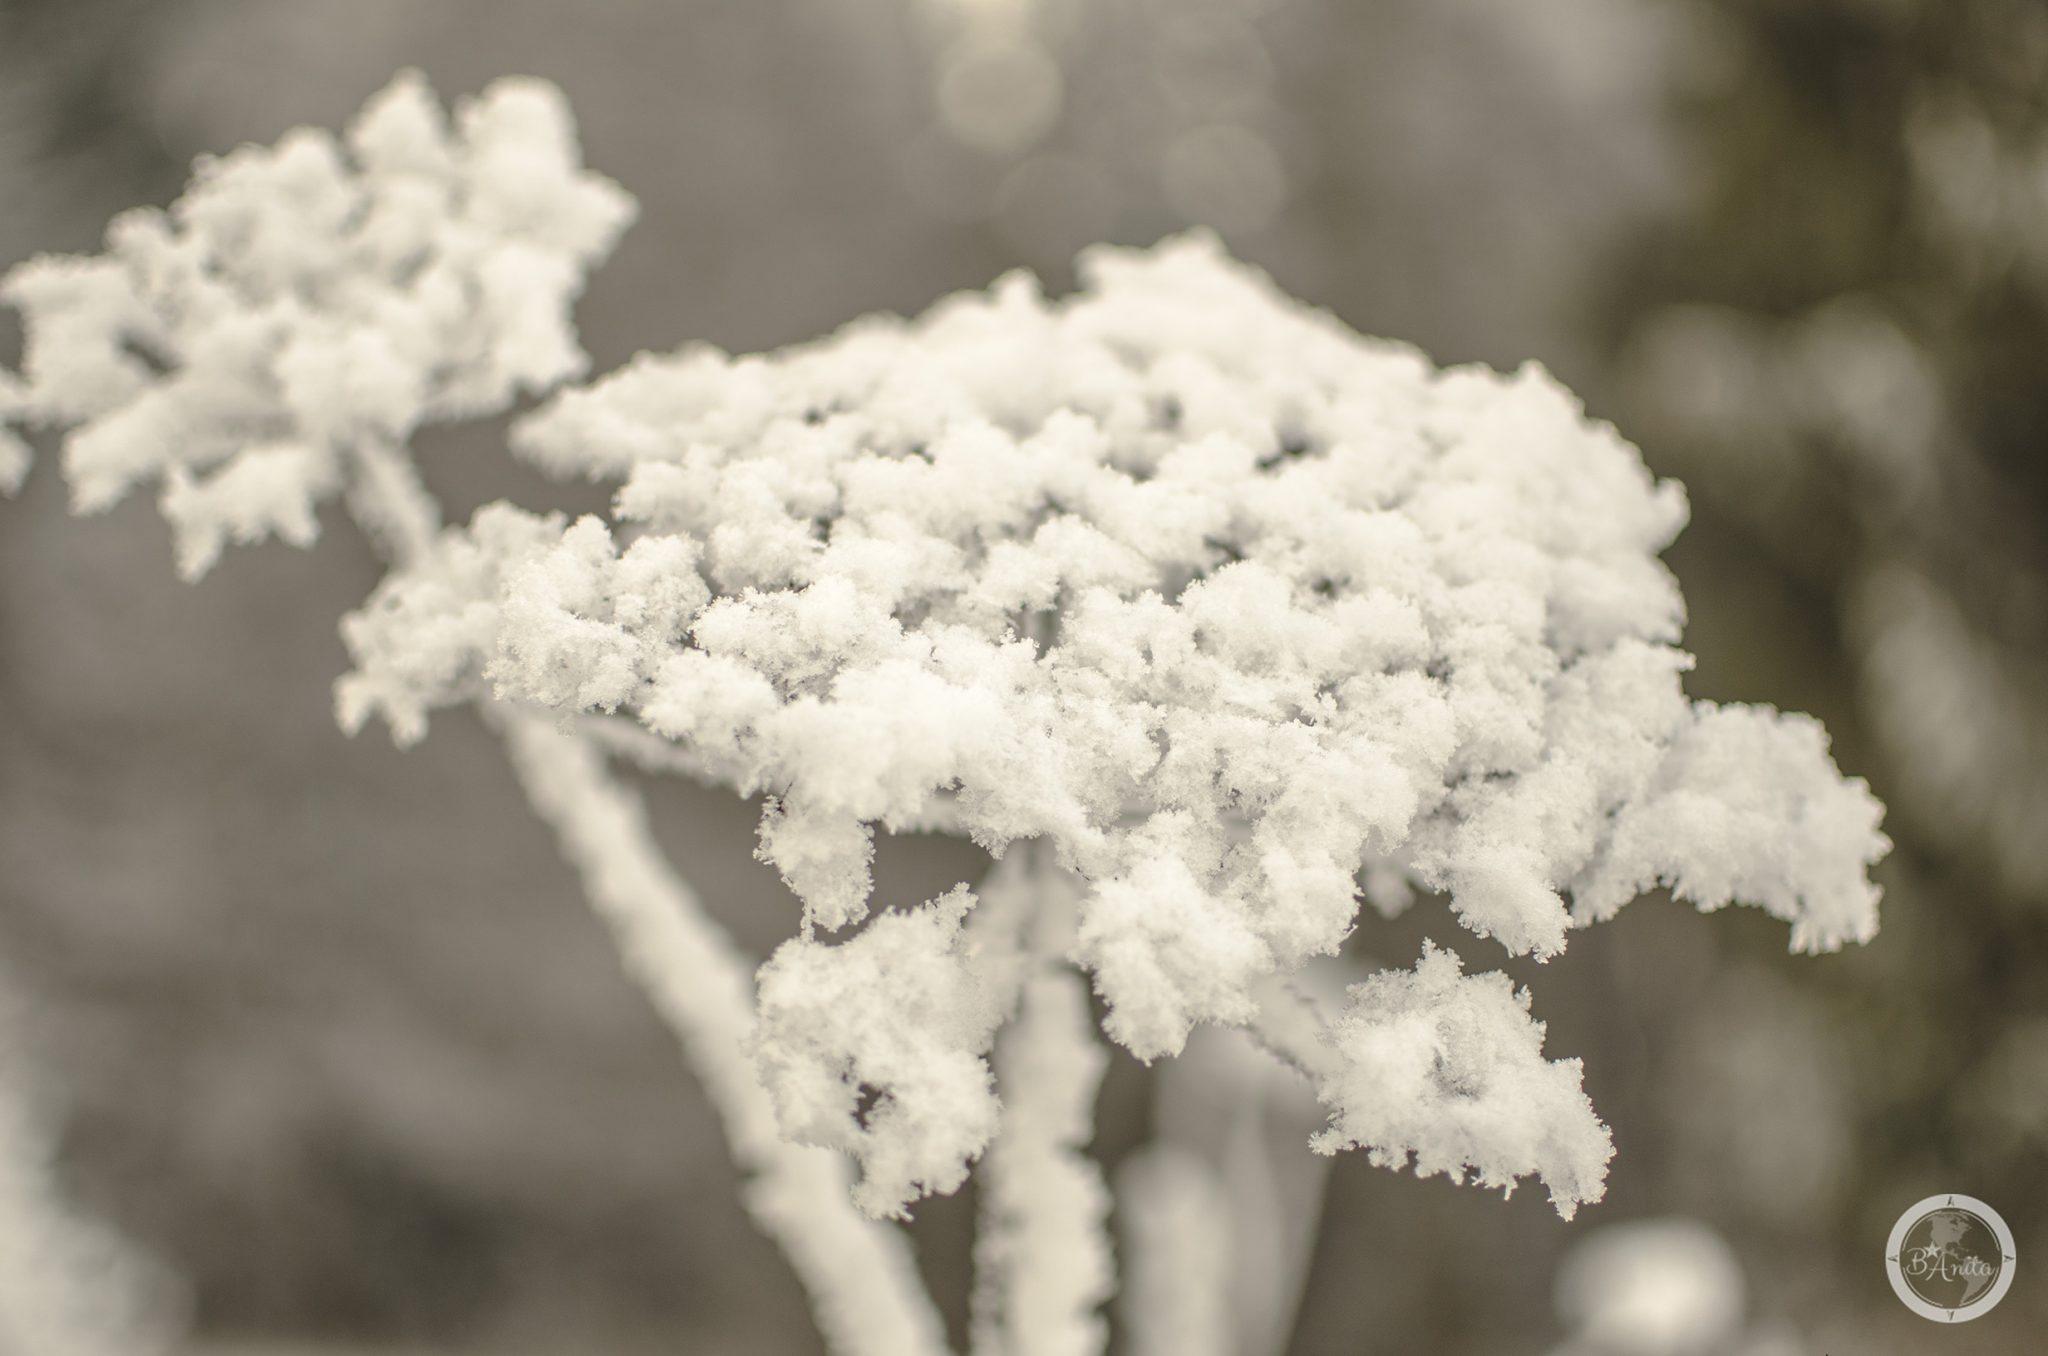 ośnieżony suchy kwiat rośliny baldaszkowej